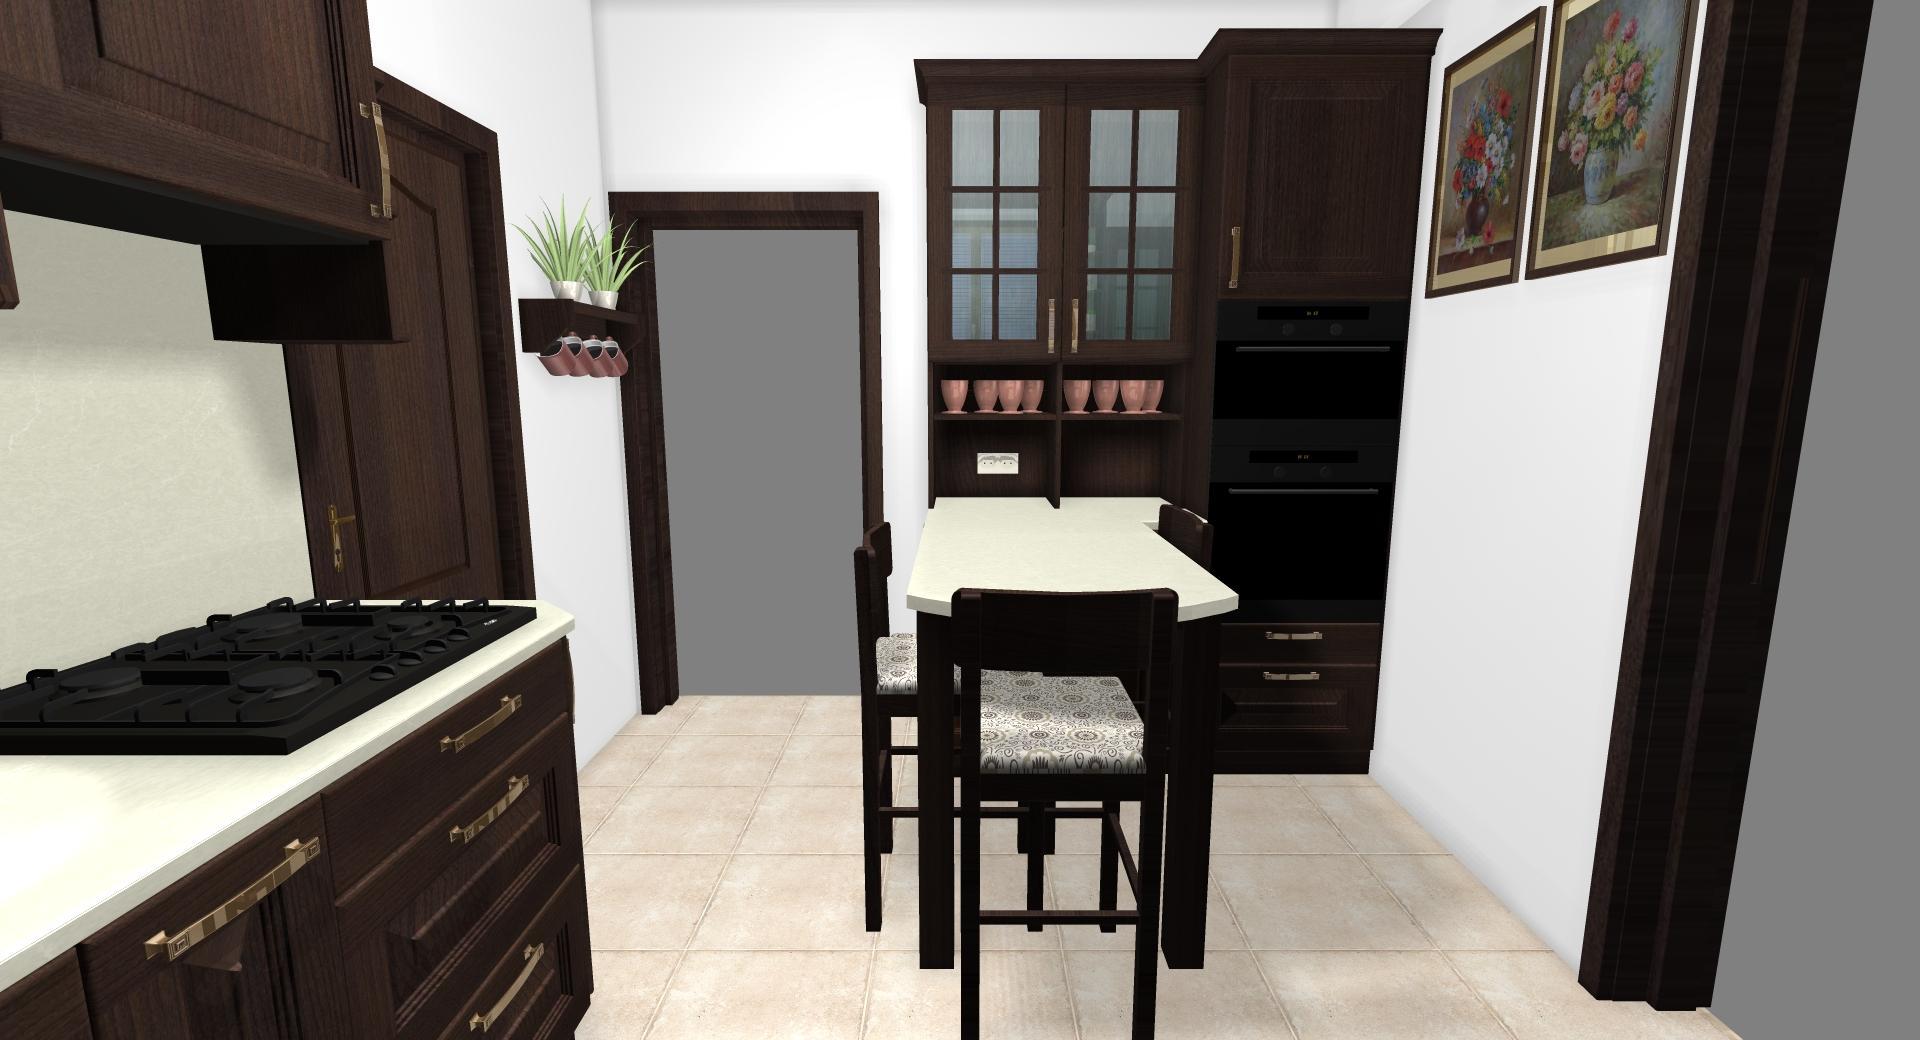 Grafické návrhy kuchynských liniek 2020 - Grafický návrh kuchynskej linky do rodinného domu v rustikálnom štýle - obr.6